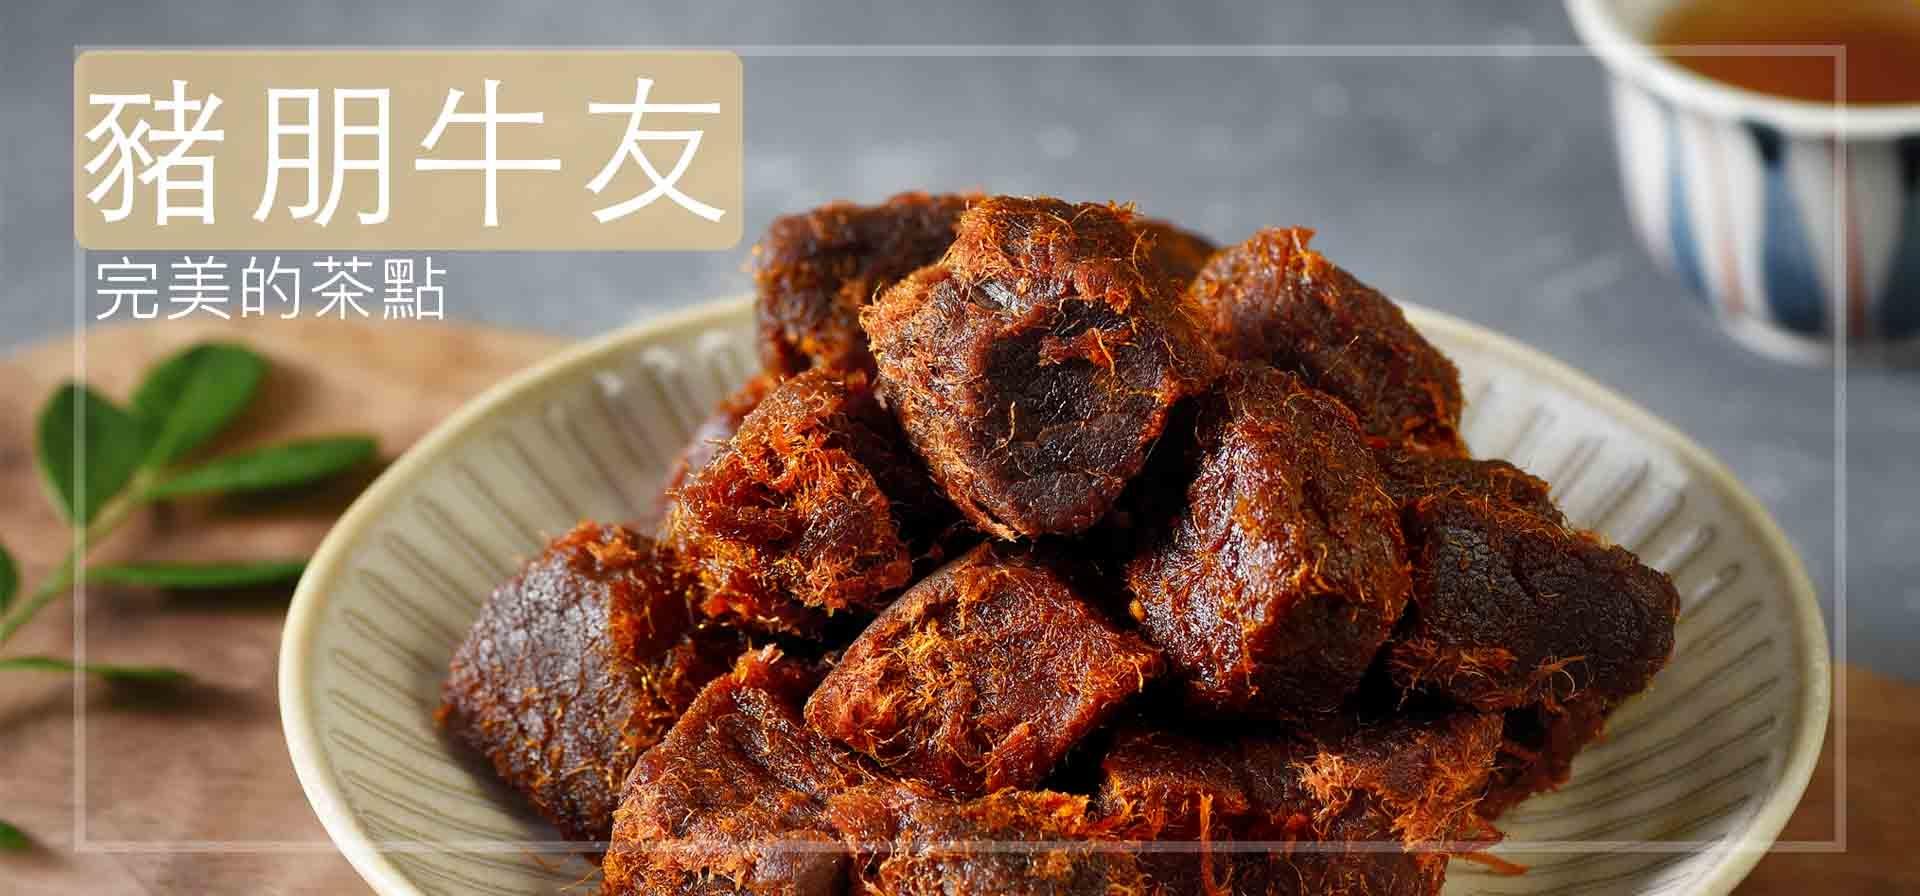 牛肉乾豬肉絲豬肉角可味肉乾